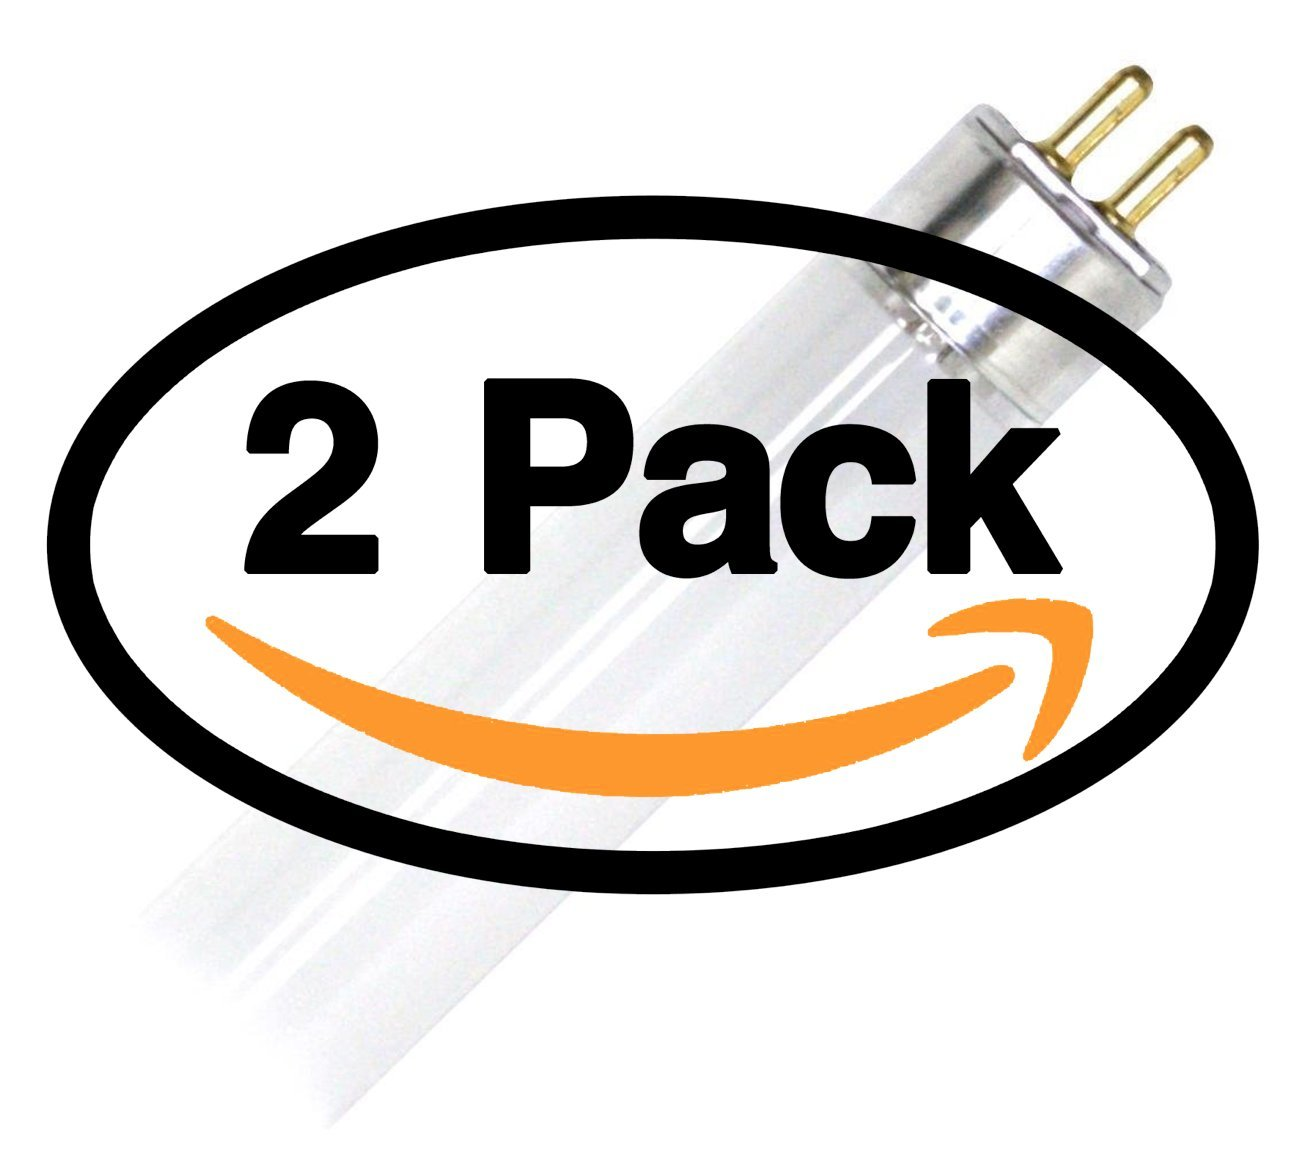 (2 Pack) GE 46671 F14W/T5/835/ECO 14 Watt T5 Fluorescent Light Bulb 14W F14T5 3500K Alt to F14T5/835 F14T5/835/Alto F14T5/835 FP14/835/ECO FL14/T5/835